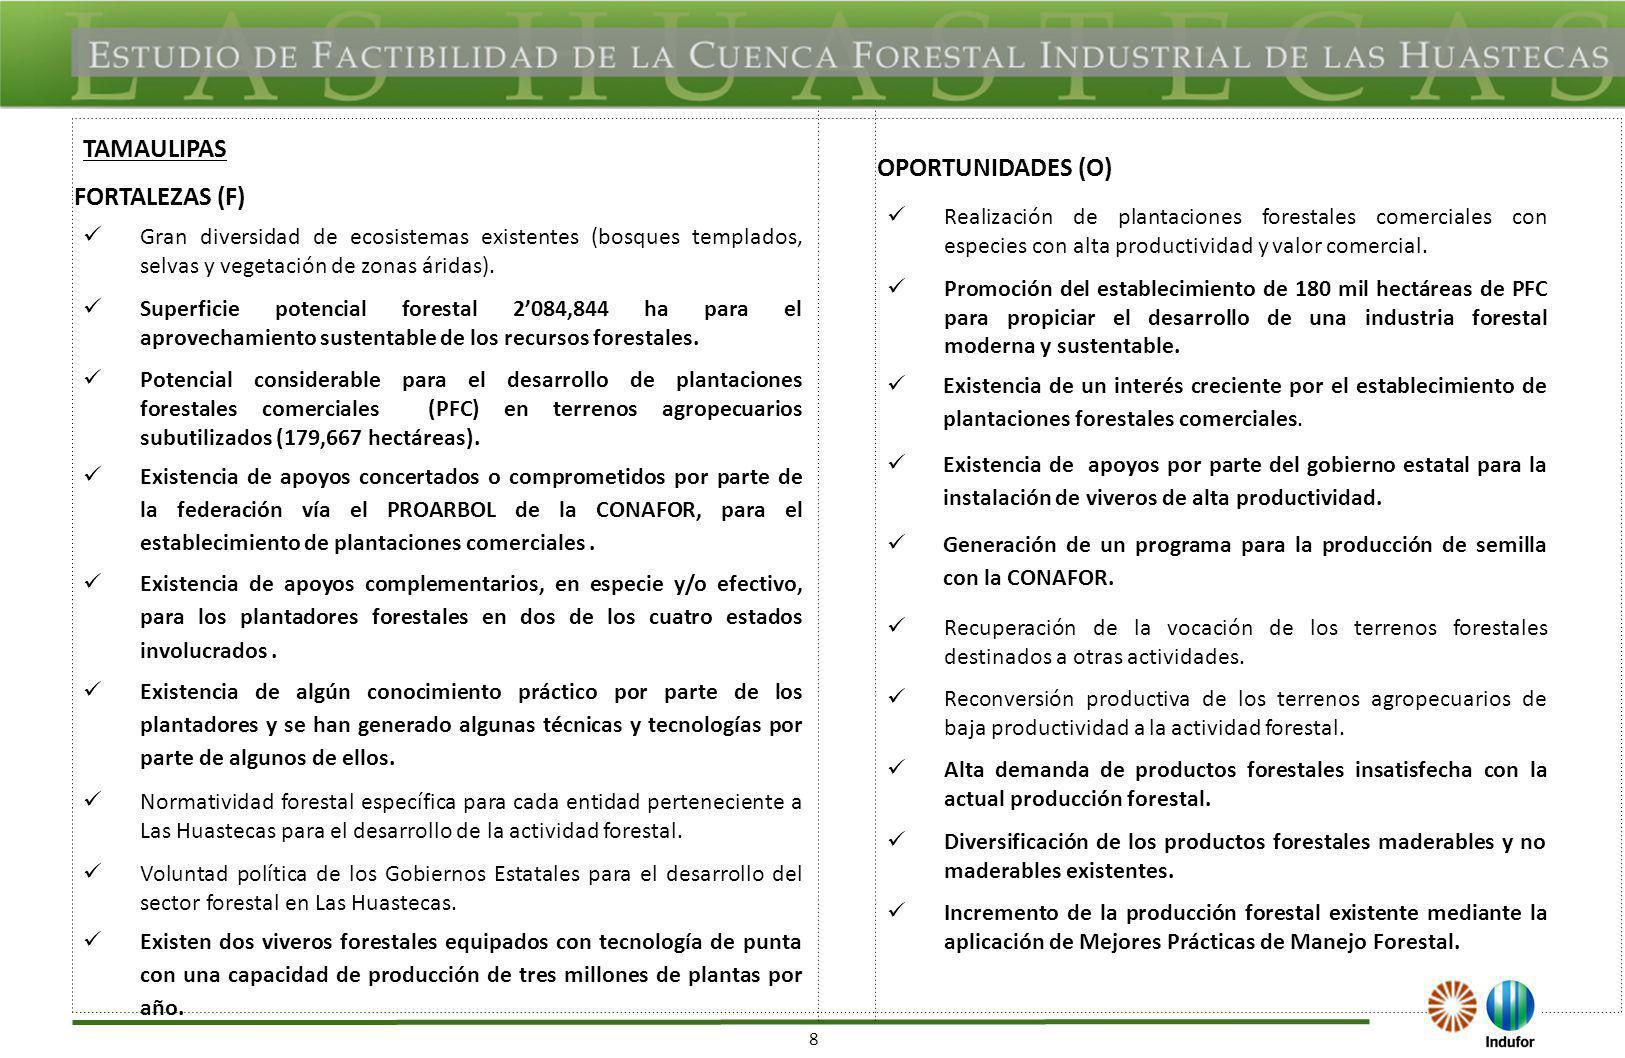 19 DEBILIDADES (D)AMENAZAS (A) Escasas obras de conservación y restauración de suelos.